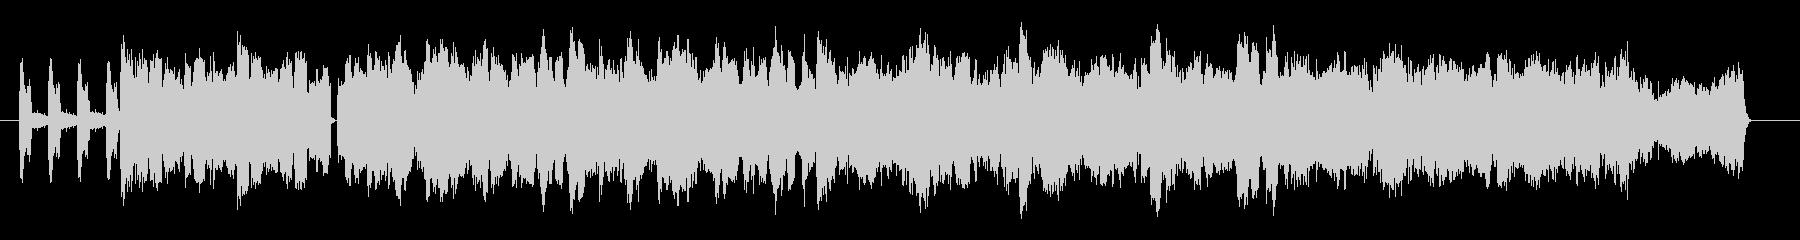 複雑なビートが印象的なテクノミュージックの未再生の波形